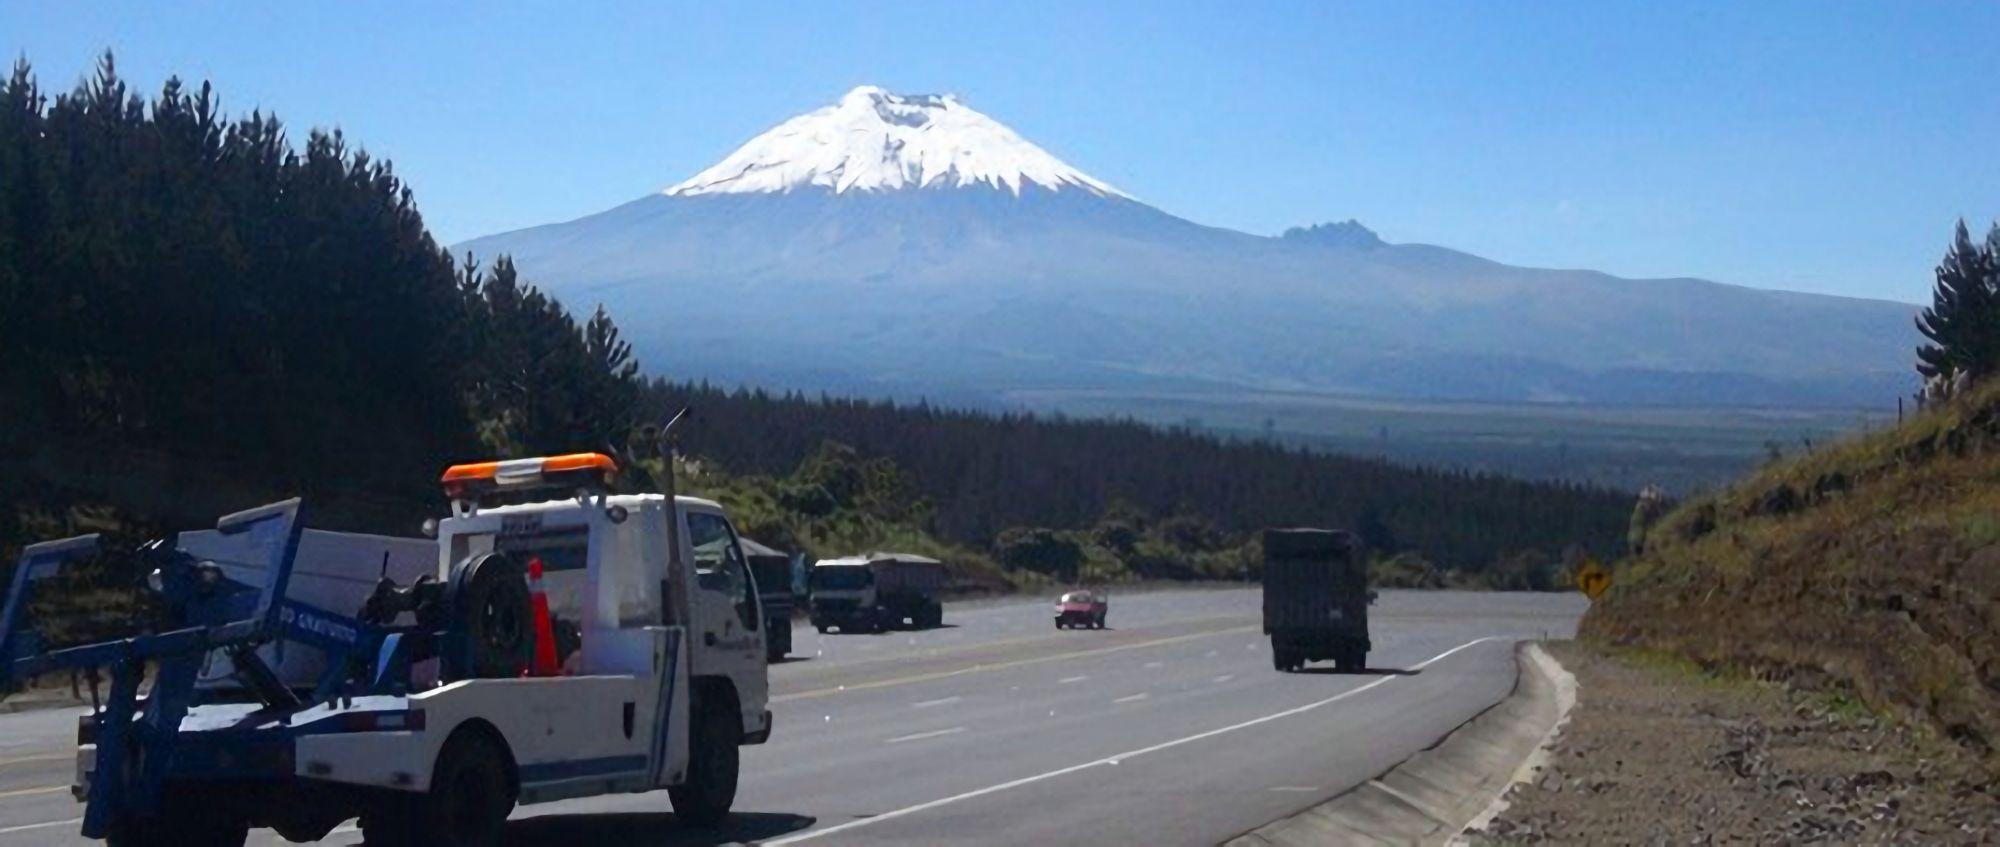 A view from Avenida de los Volcanes